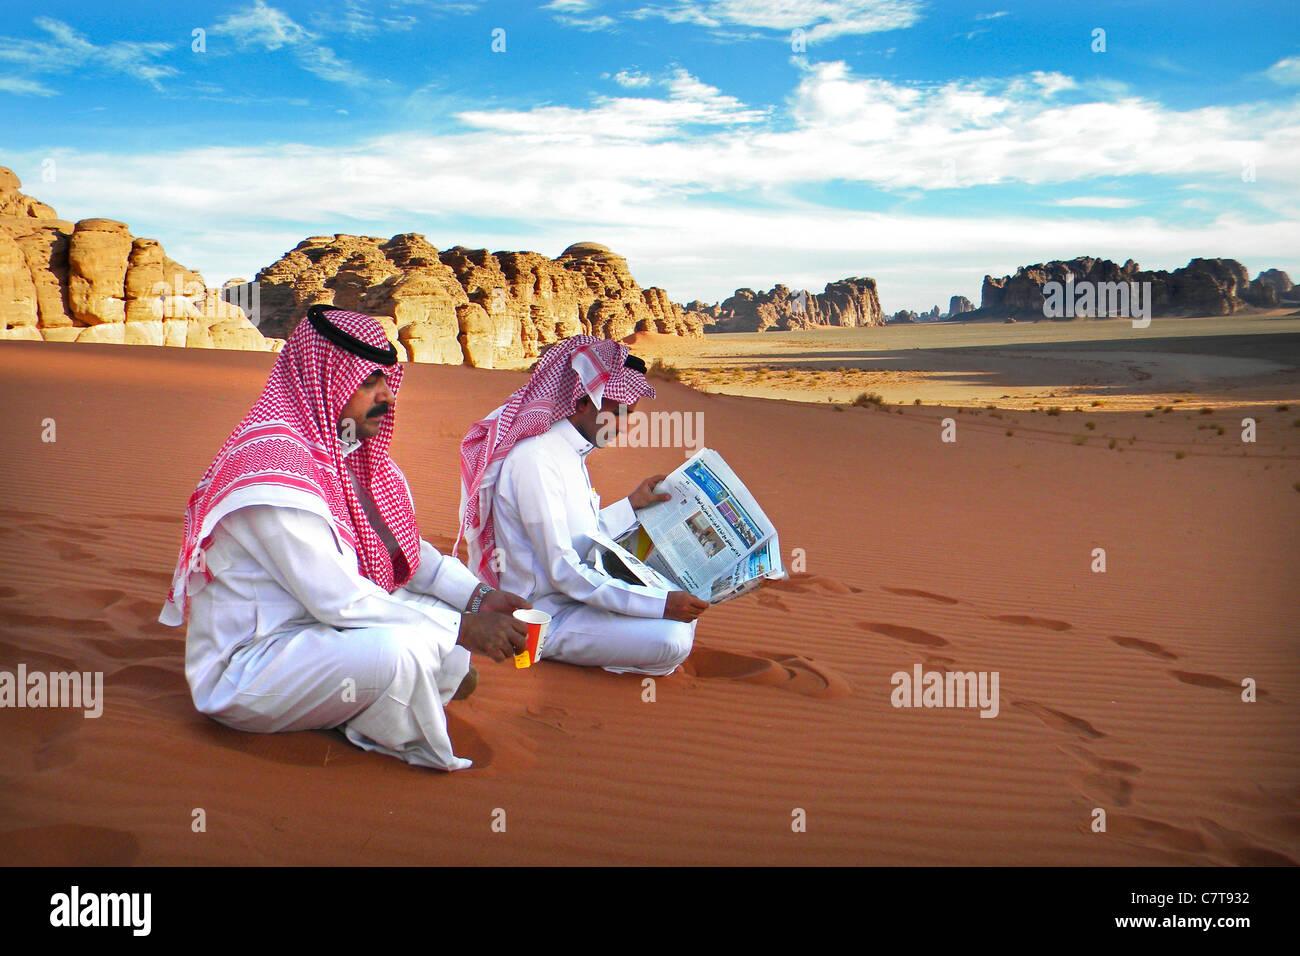 Arabia Saudita, el hombre en el desierto Imagen De Stock